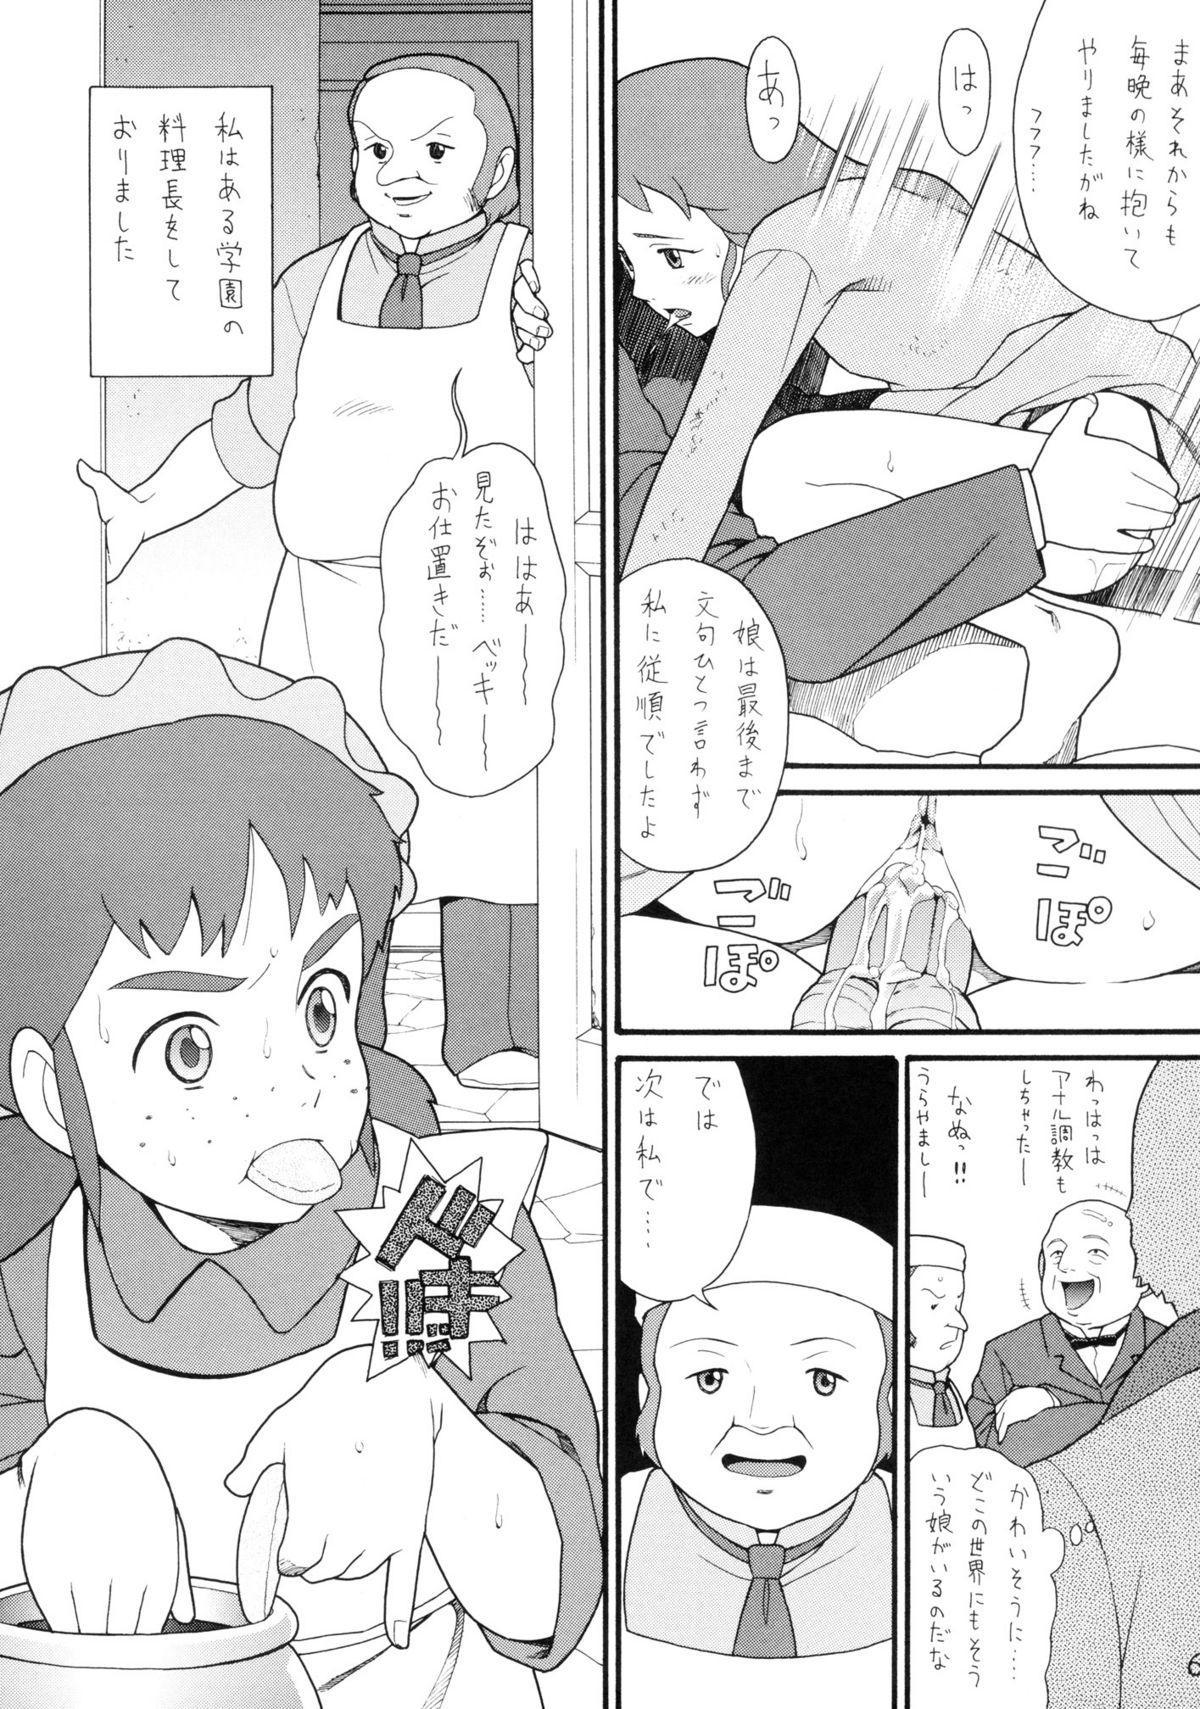 Hatch & Zukki no Sekai Meisaku Gekijou 5 5